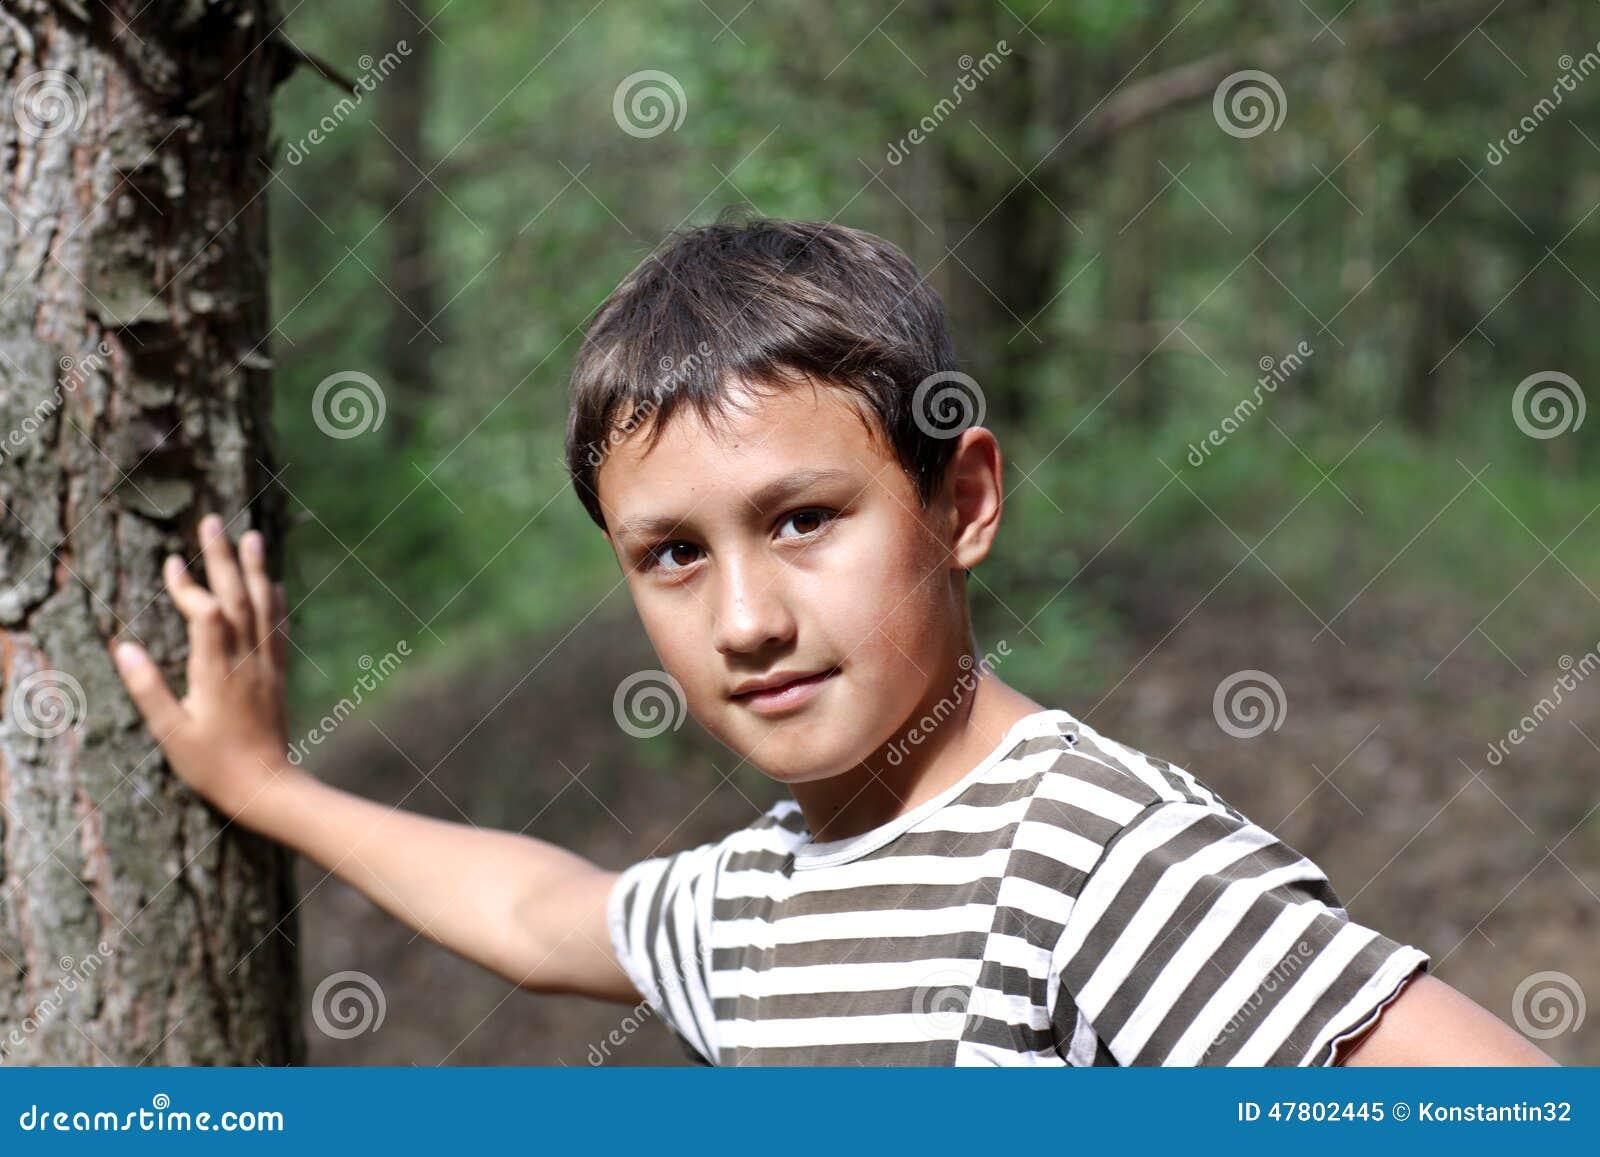 Weinig oude jongen 10 jaar stock foto afbeelding 47802445 for Deco slaapkamer jongen jaar oud